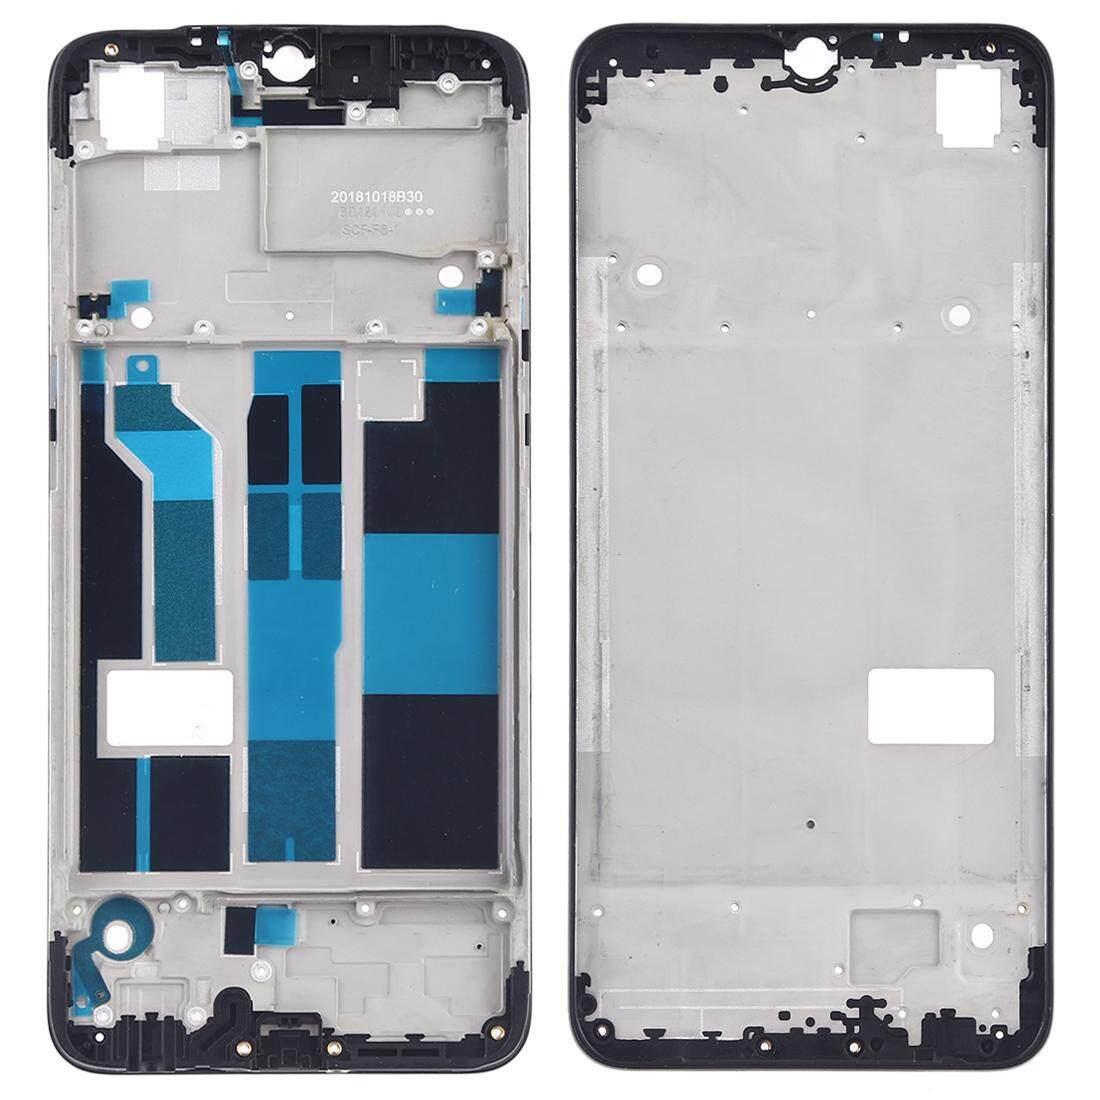 Hunian Depan LCD Bingkai Pelat Bezel untuk OPPO F9/A7X (Hitam)